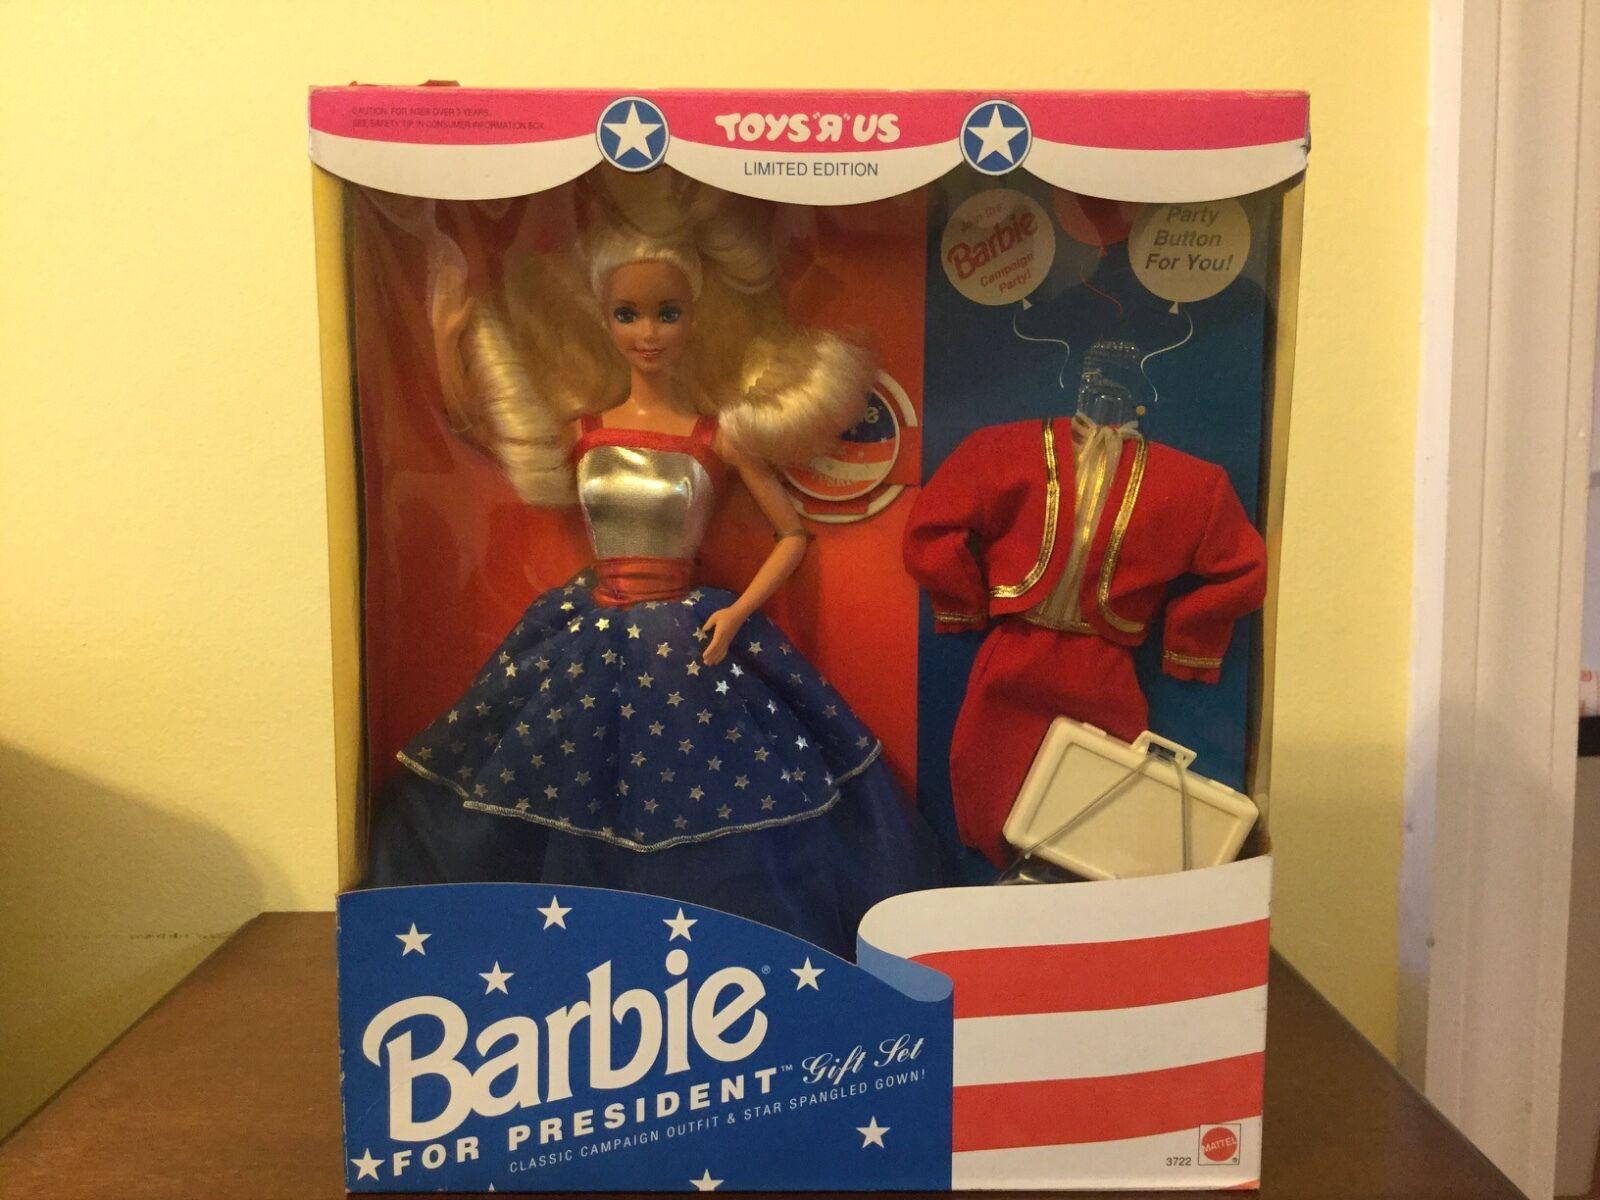 Oferta ganadora fue ,999 ahora para la reventa nuevo Barbie para presidente sin abrir